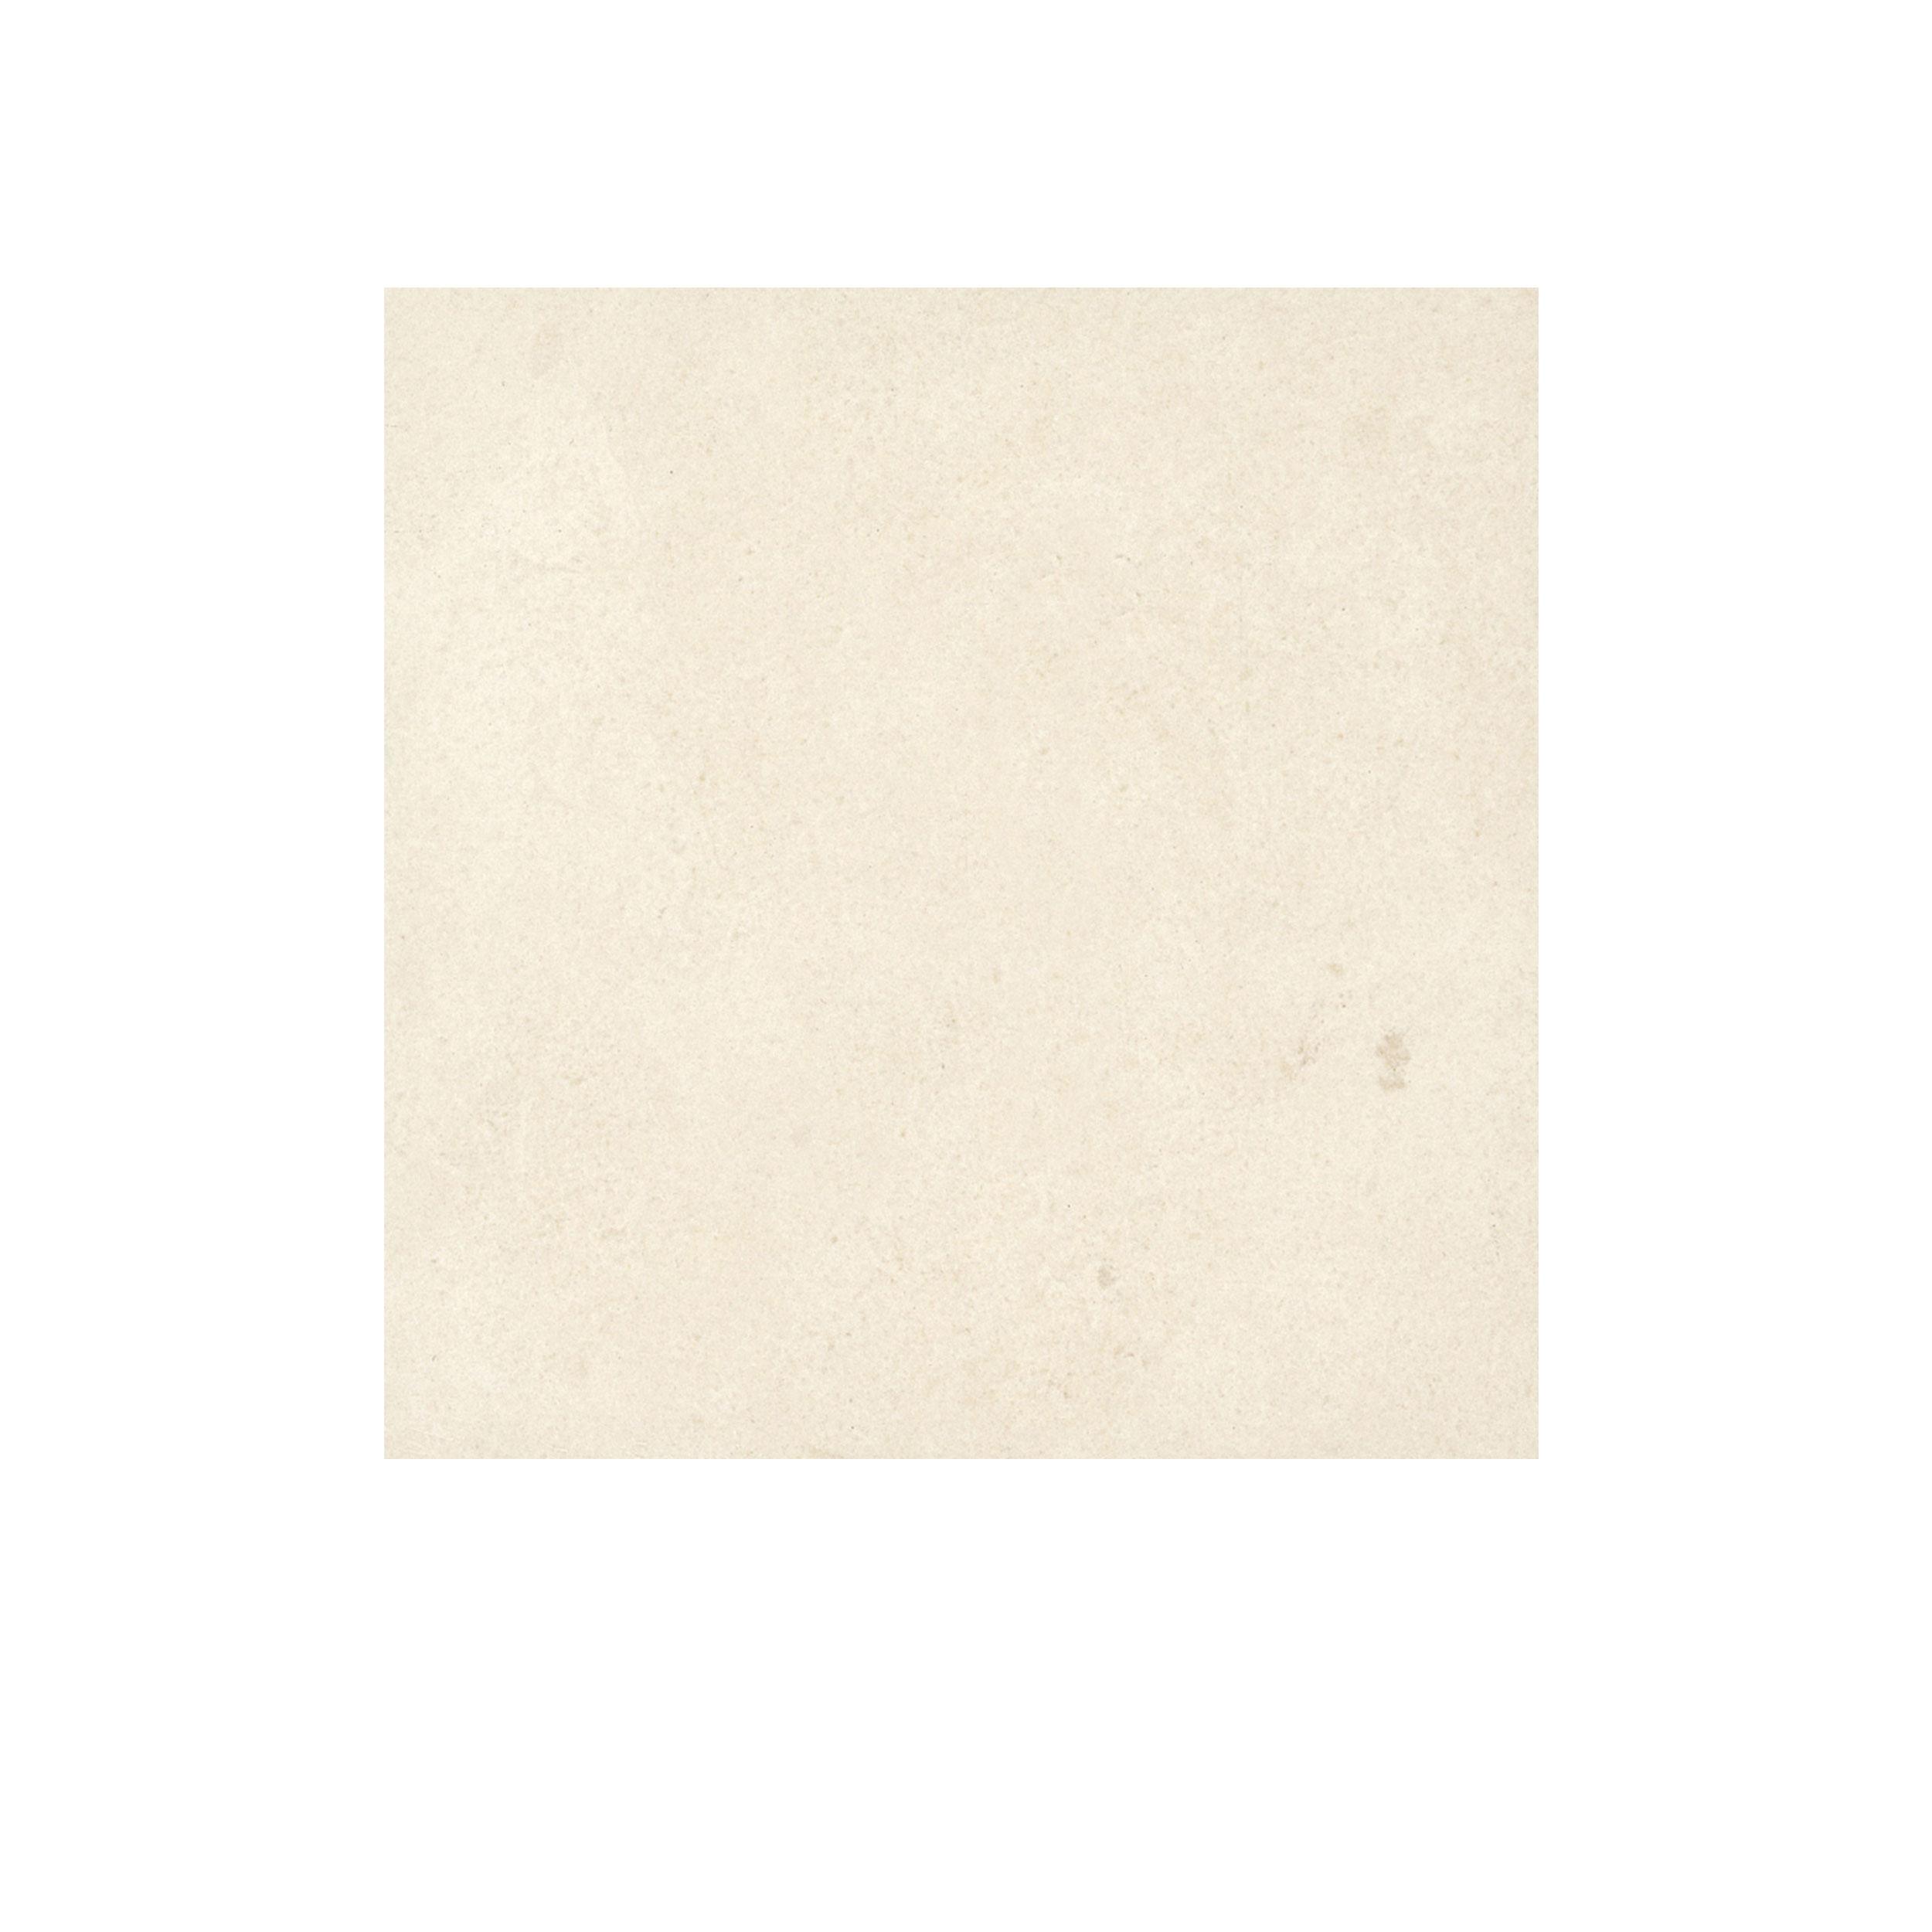 COTTO กระเบื้องปูพื้นและผนัง (คอตโต้) 24x24 นิ้ว (60x60 ซม.) GT715769